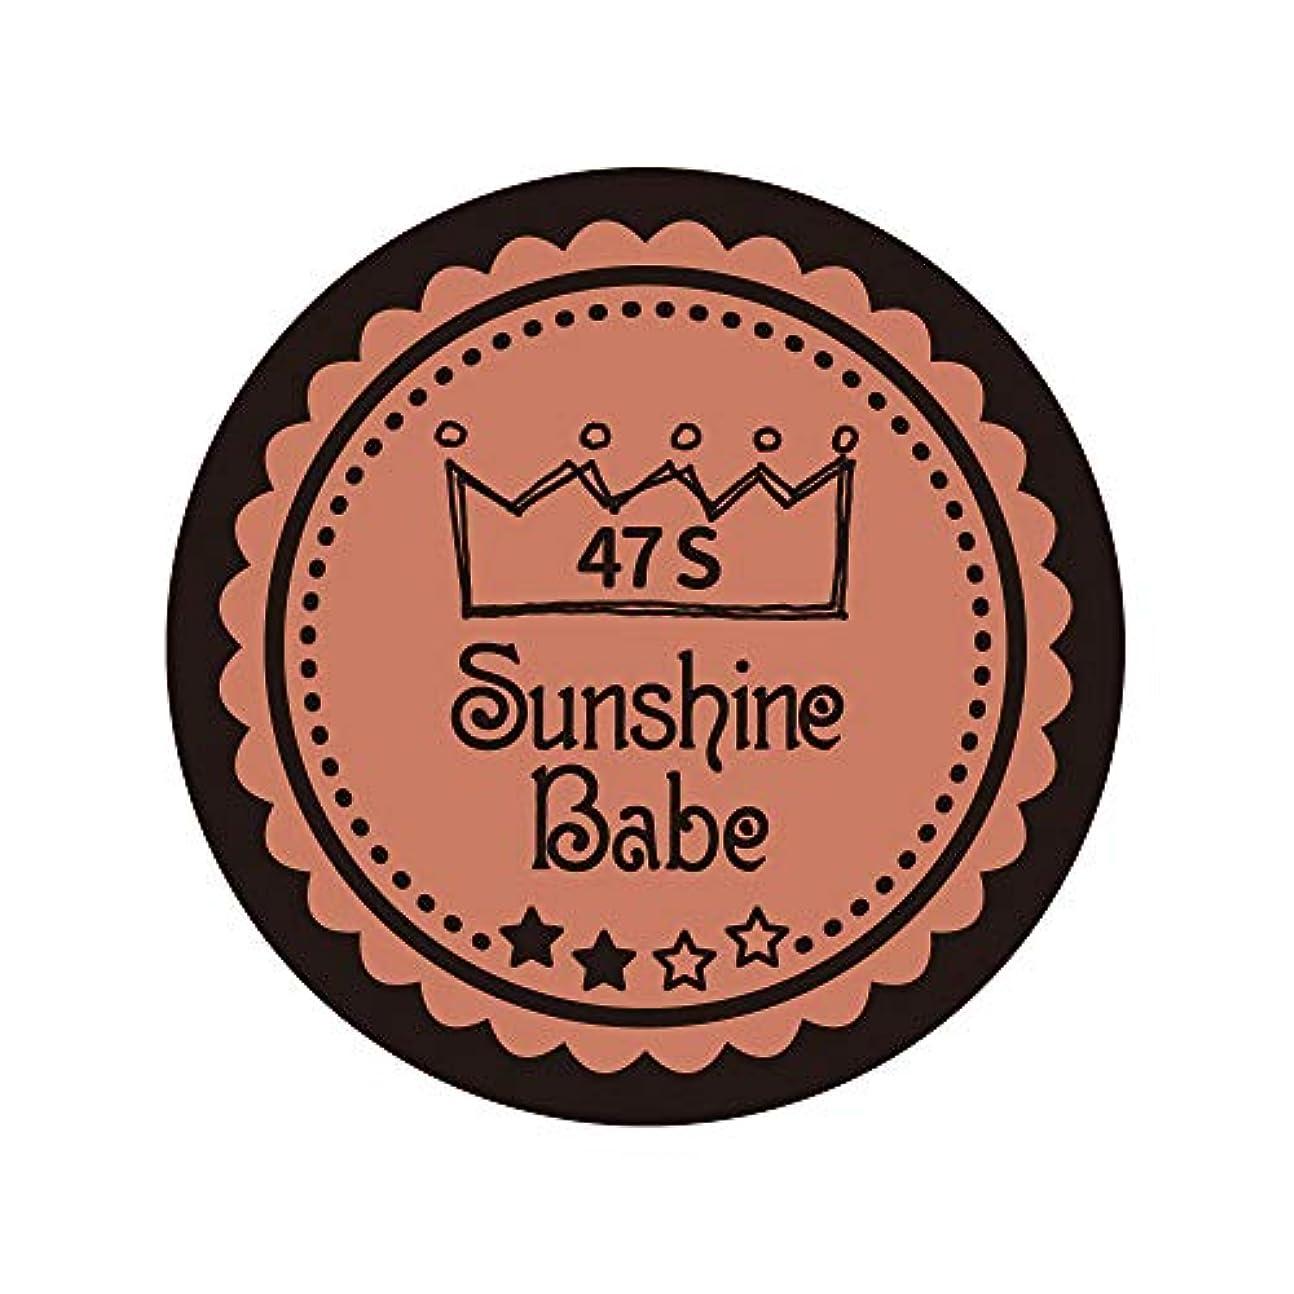 実証する力学援助Sunshine Babe カラージェル 47S ピーチブラウン 4g UV/LED対応